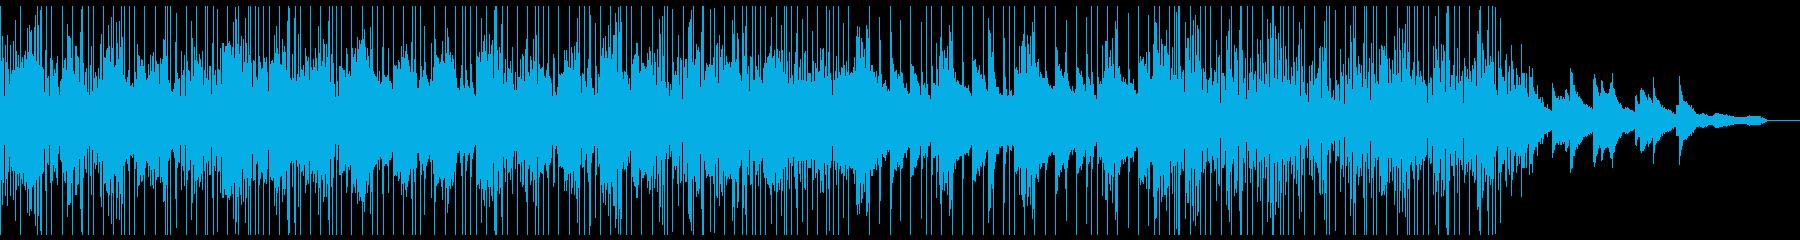 ピアノとワブルベースのアンビエントの再生済みの波形